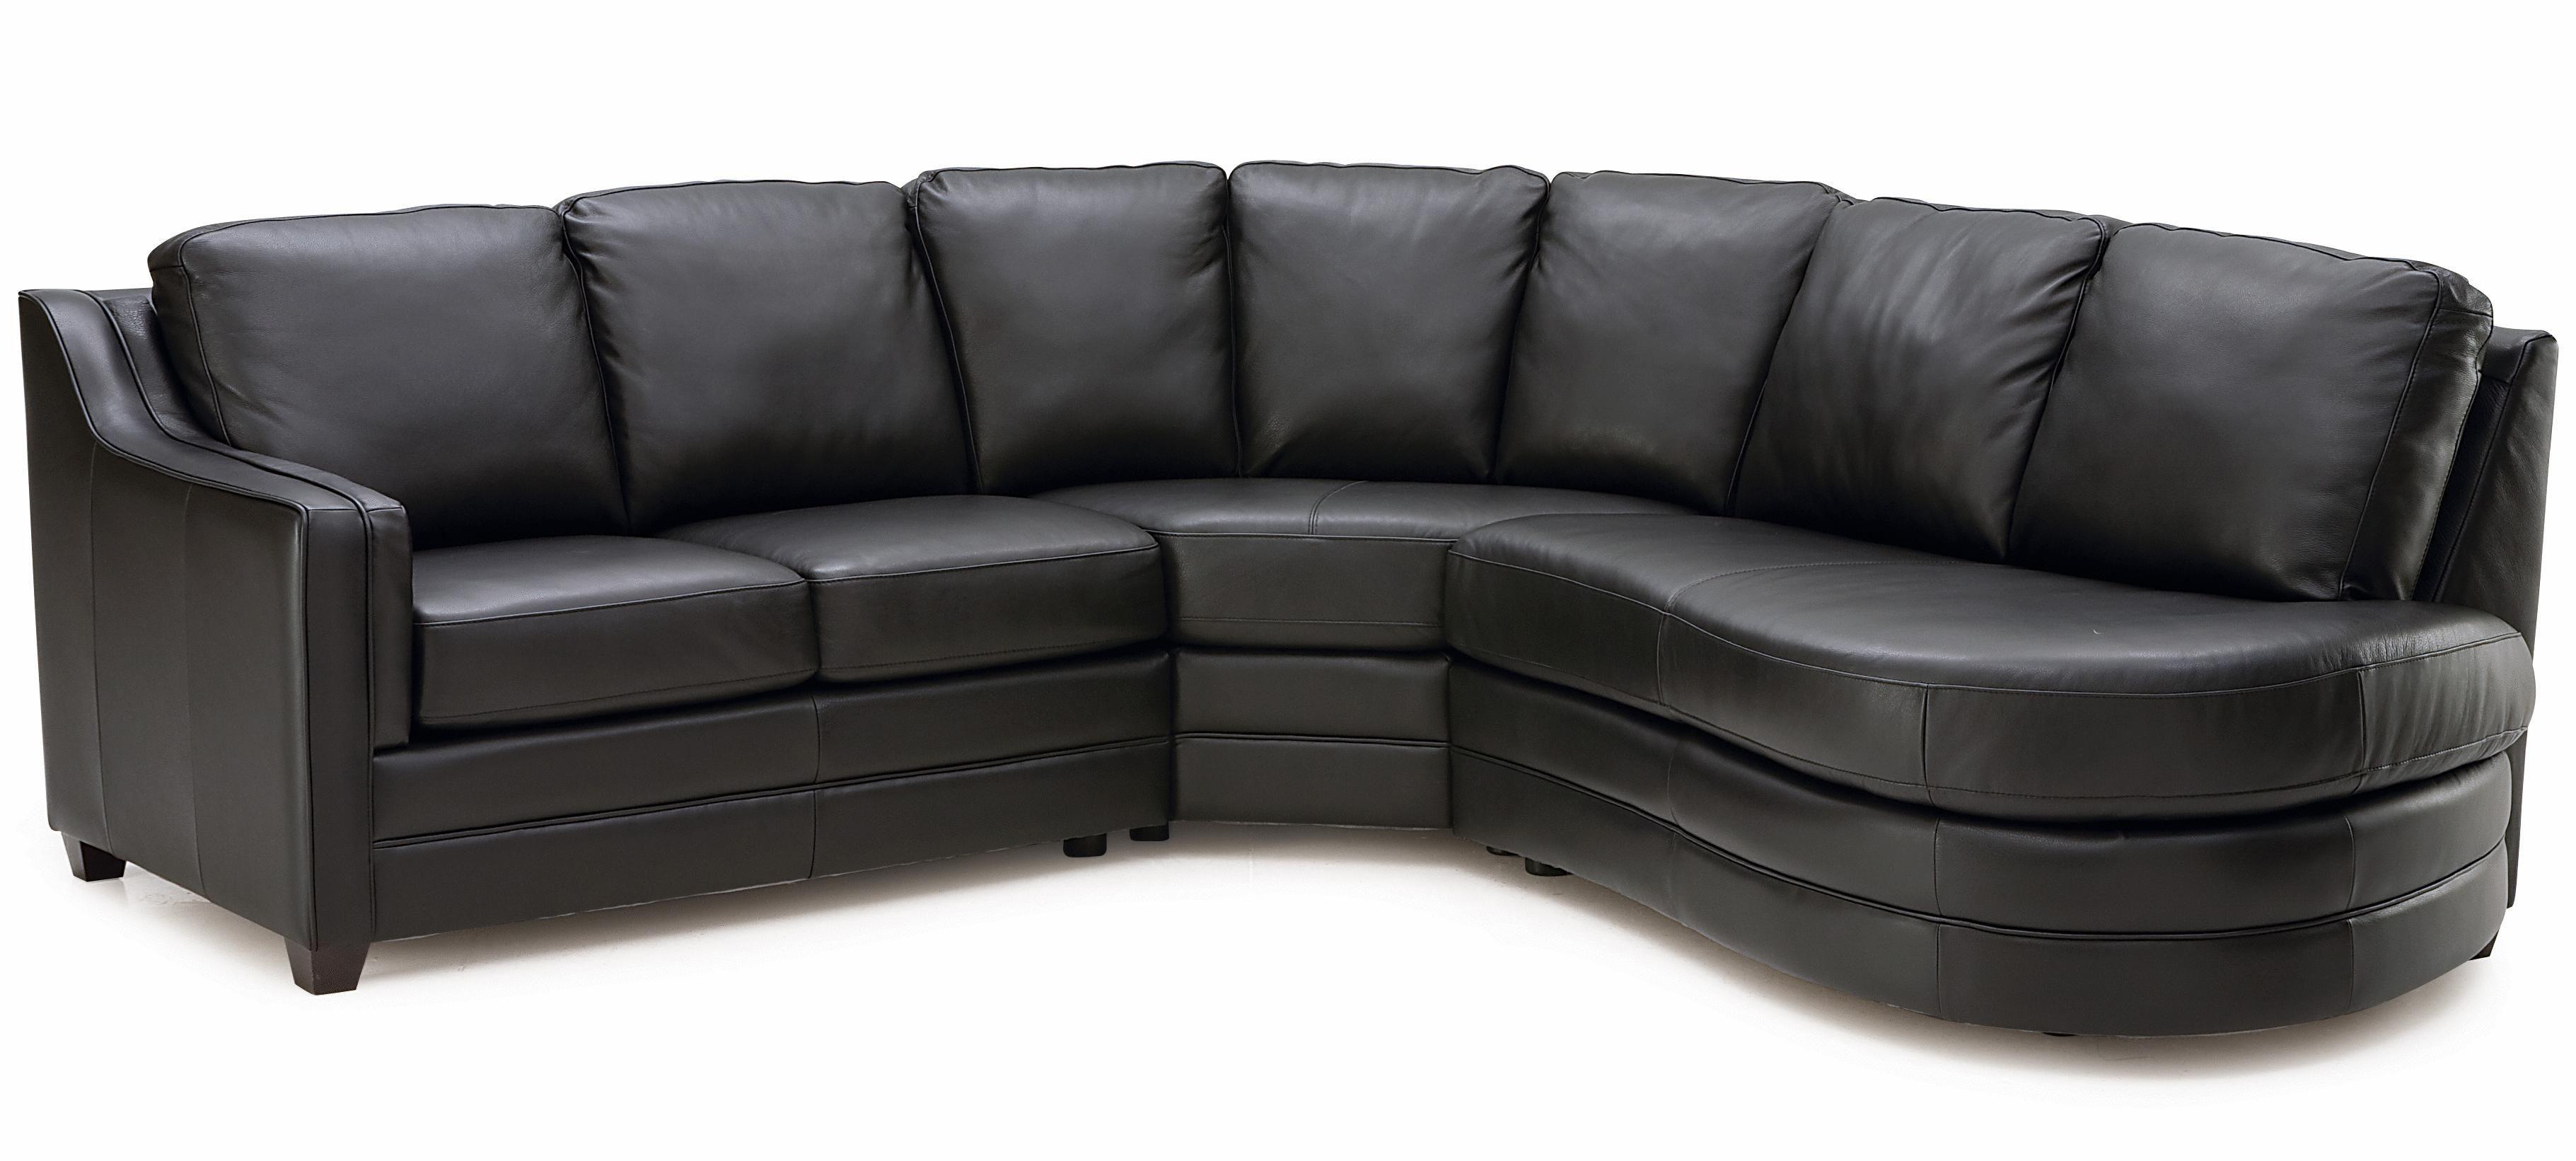 Corissa Sectional Sofa By Palliser